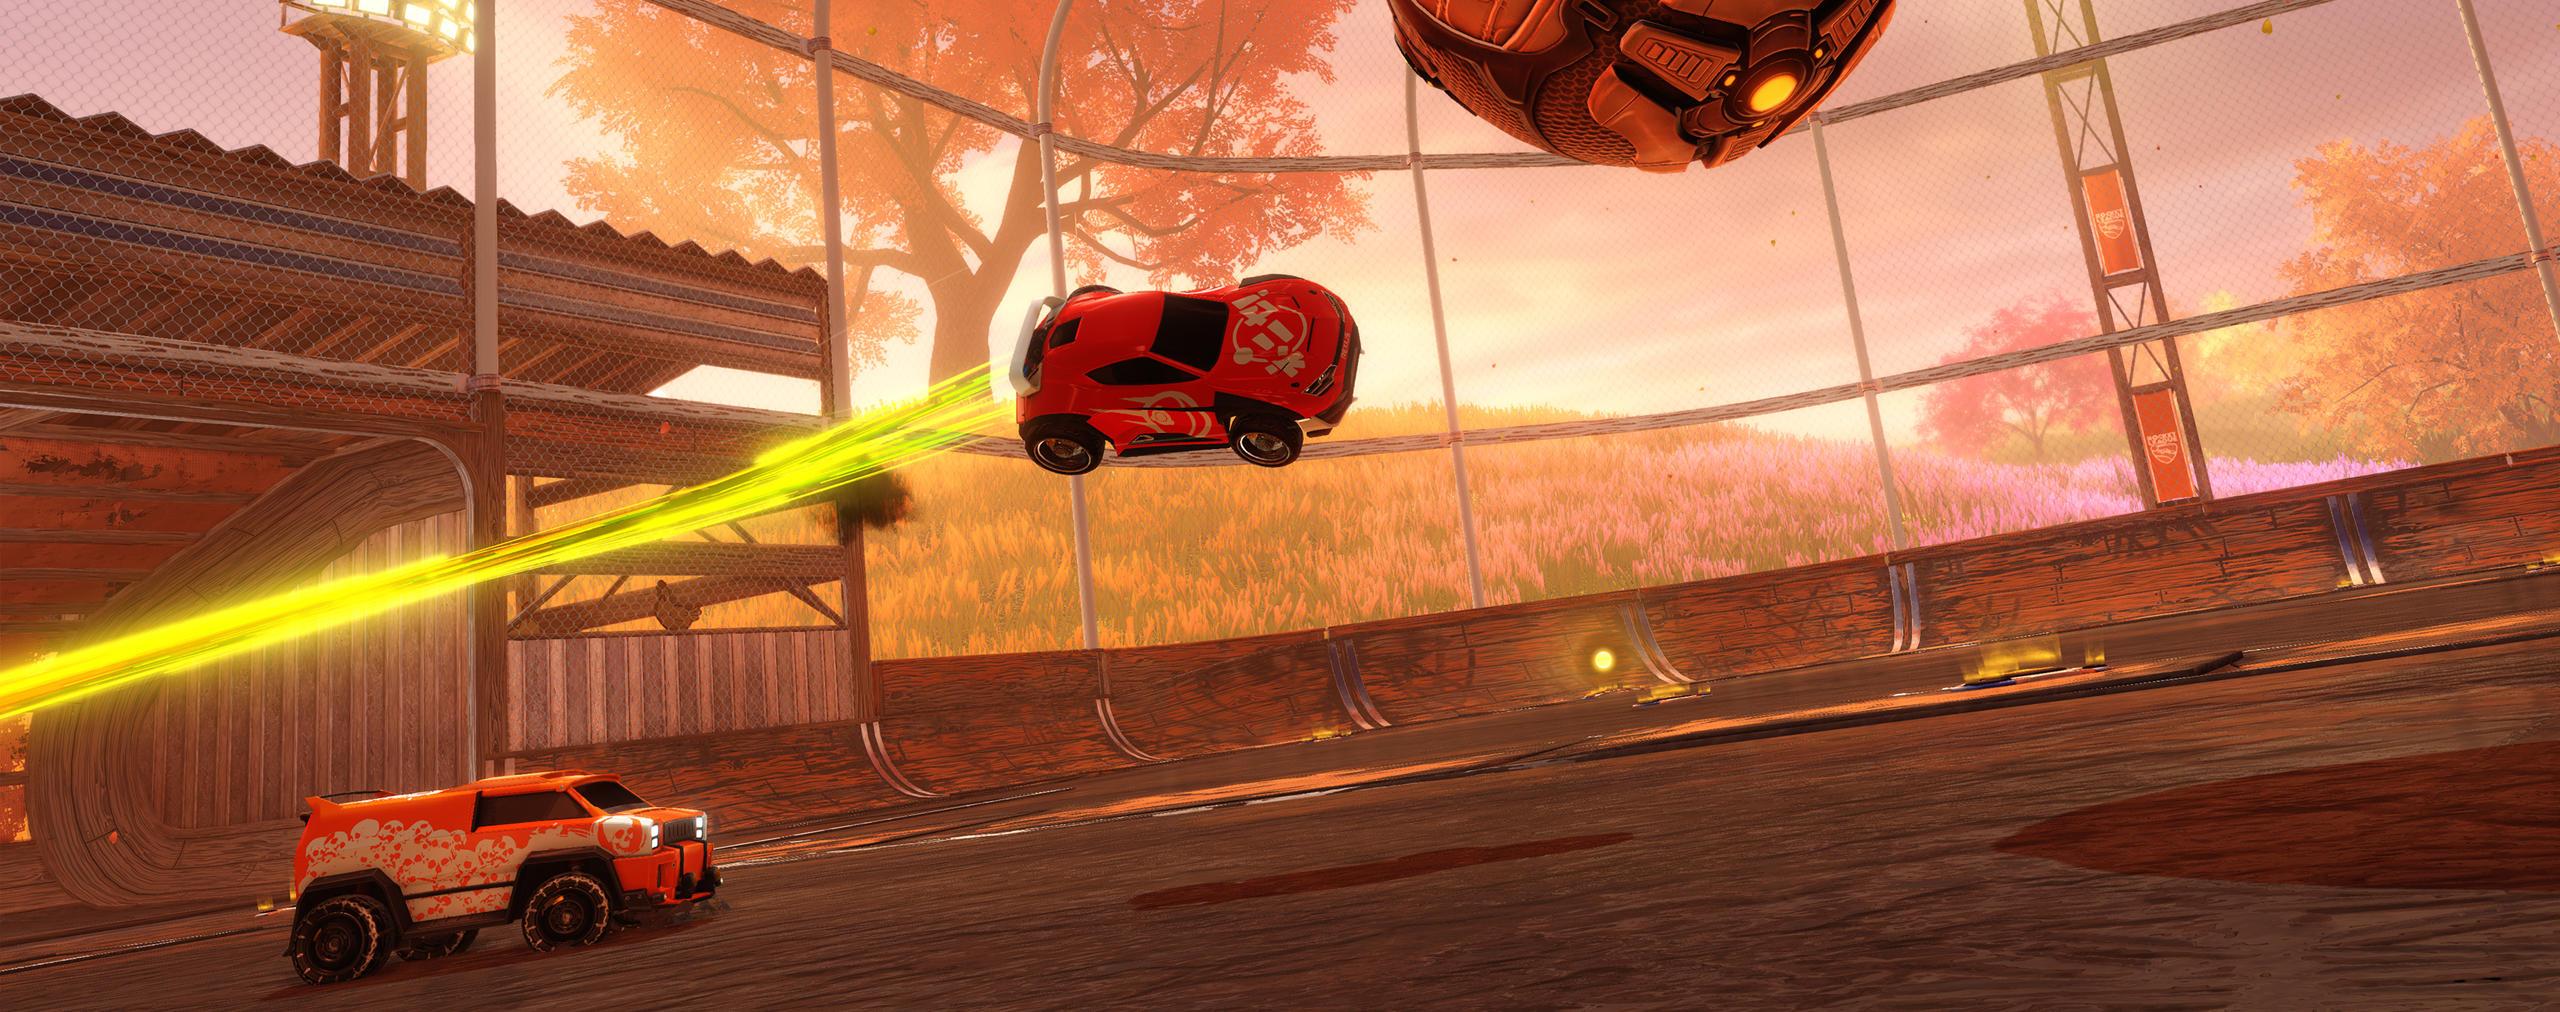 Podzimní aktualizace Rocket League je nacpaná novým obsahem 149856